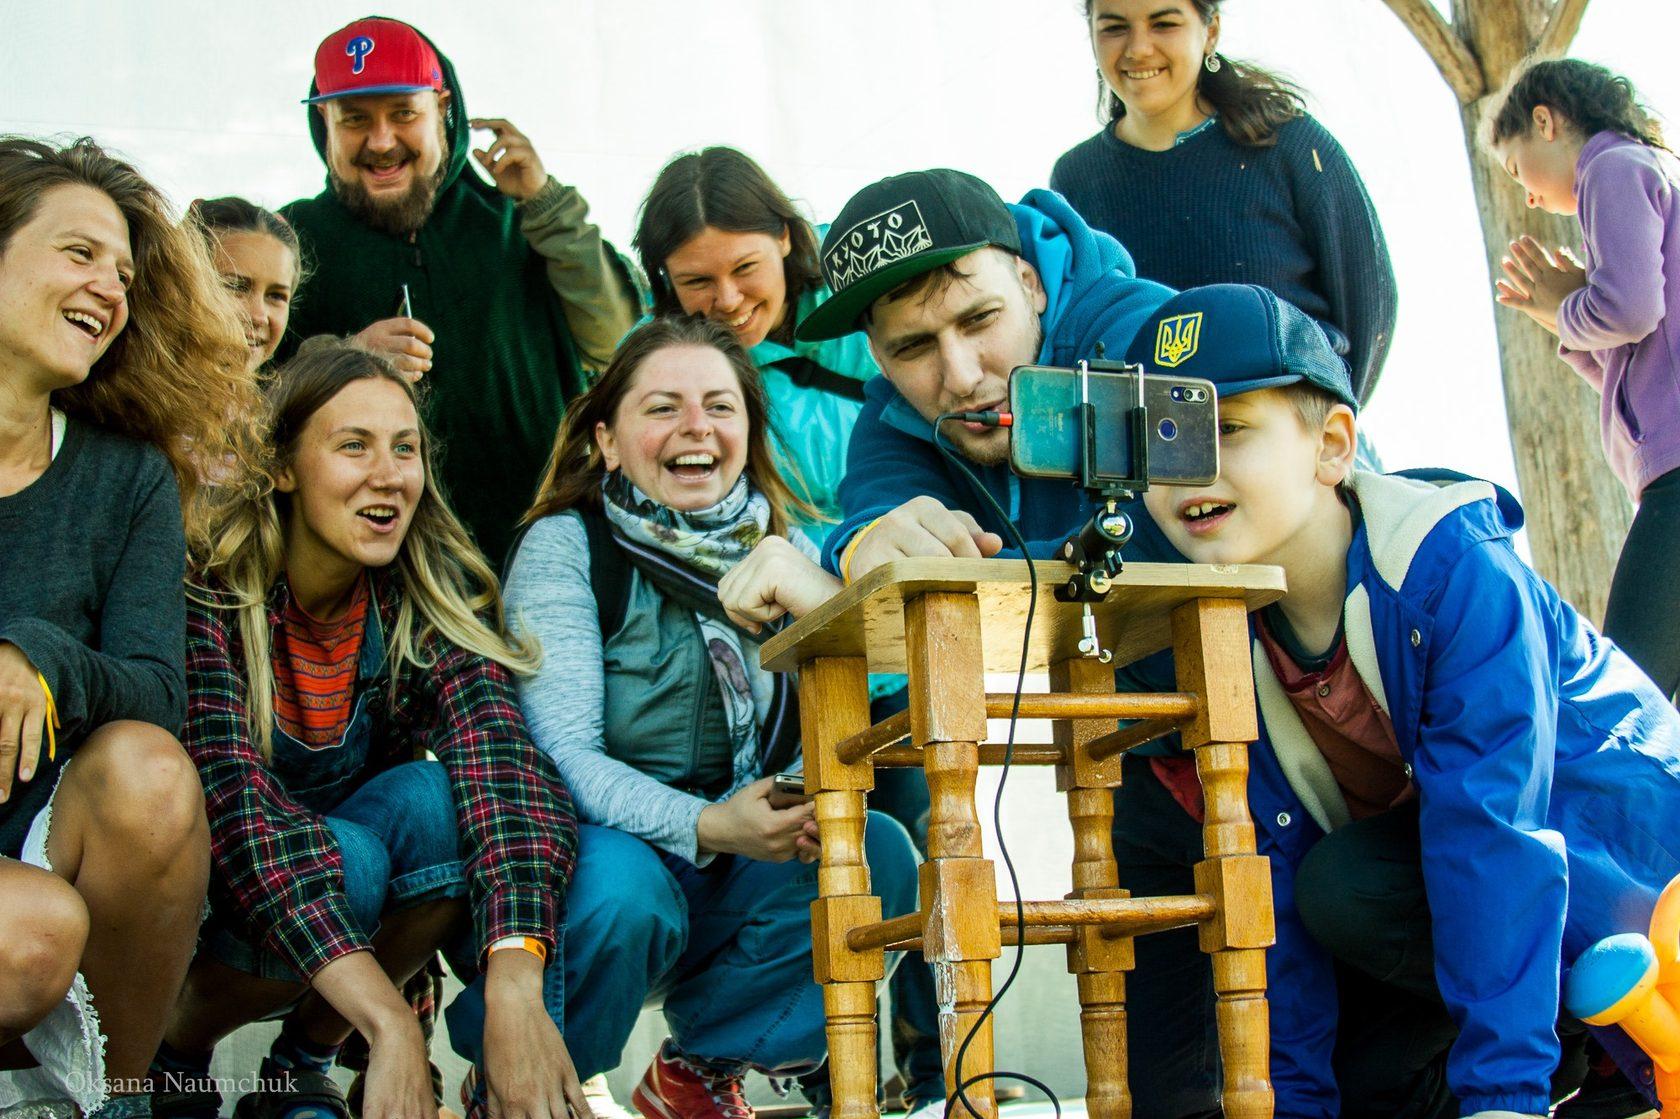 Дивитися, лежачи на сіні: на Чернігівщині стартує 9-й фестиваль позитивного кіно «Кіносарай»